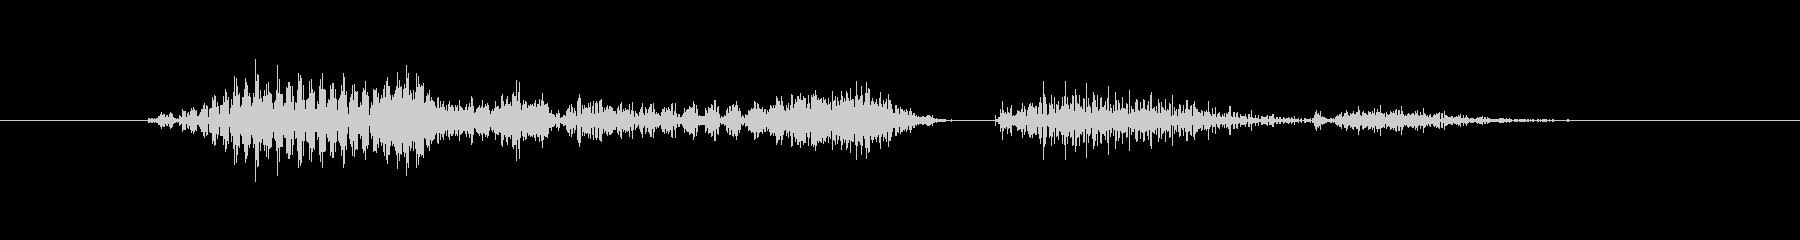 ロボット声 「ミッションスタート」の未再生の波形